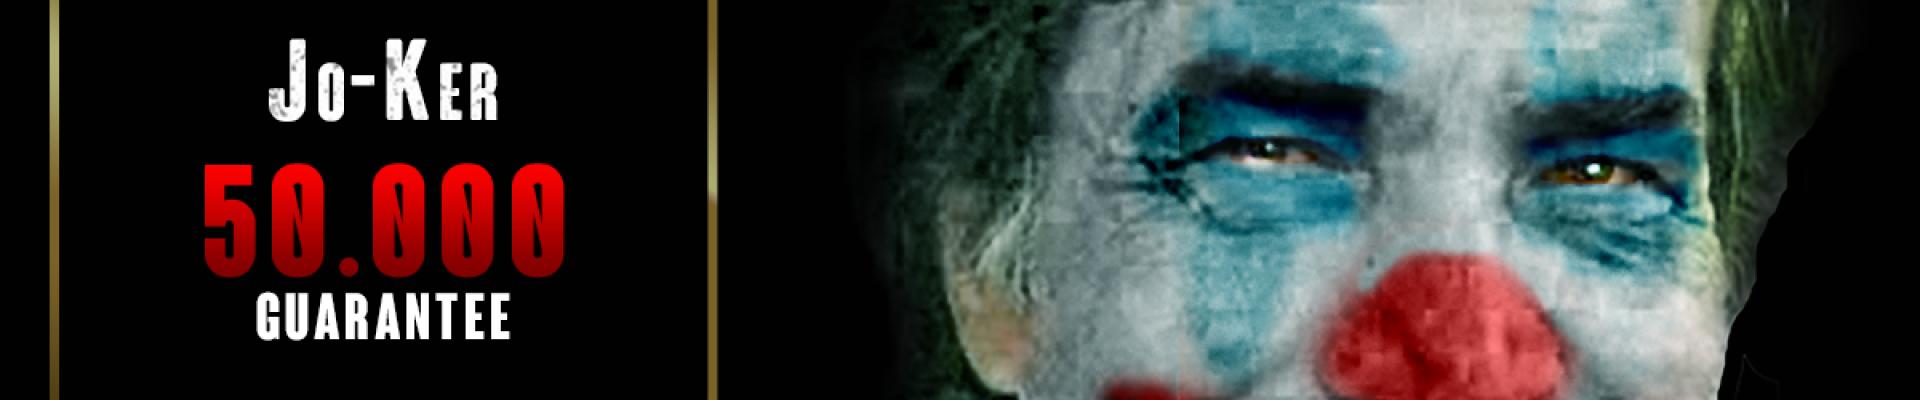 Imperium_Joker-poker-2